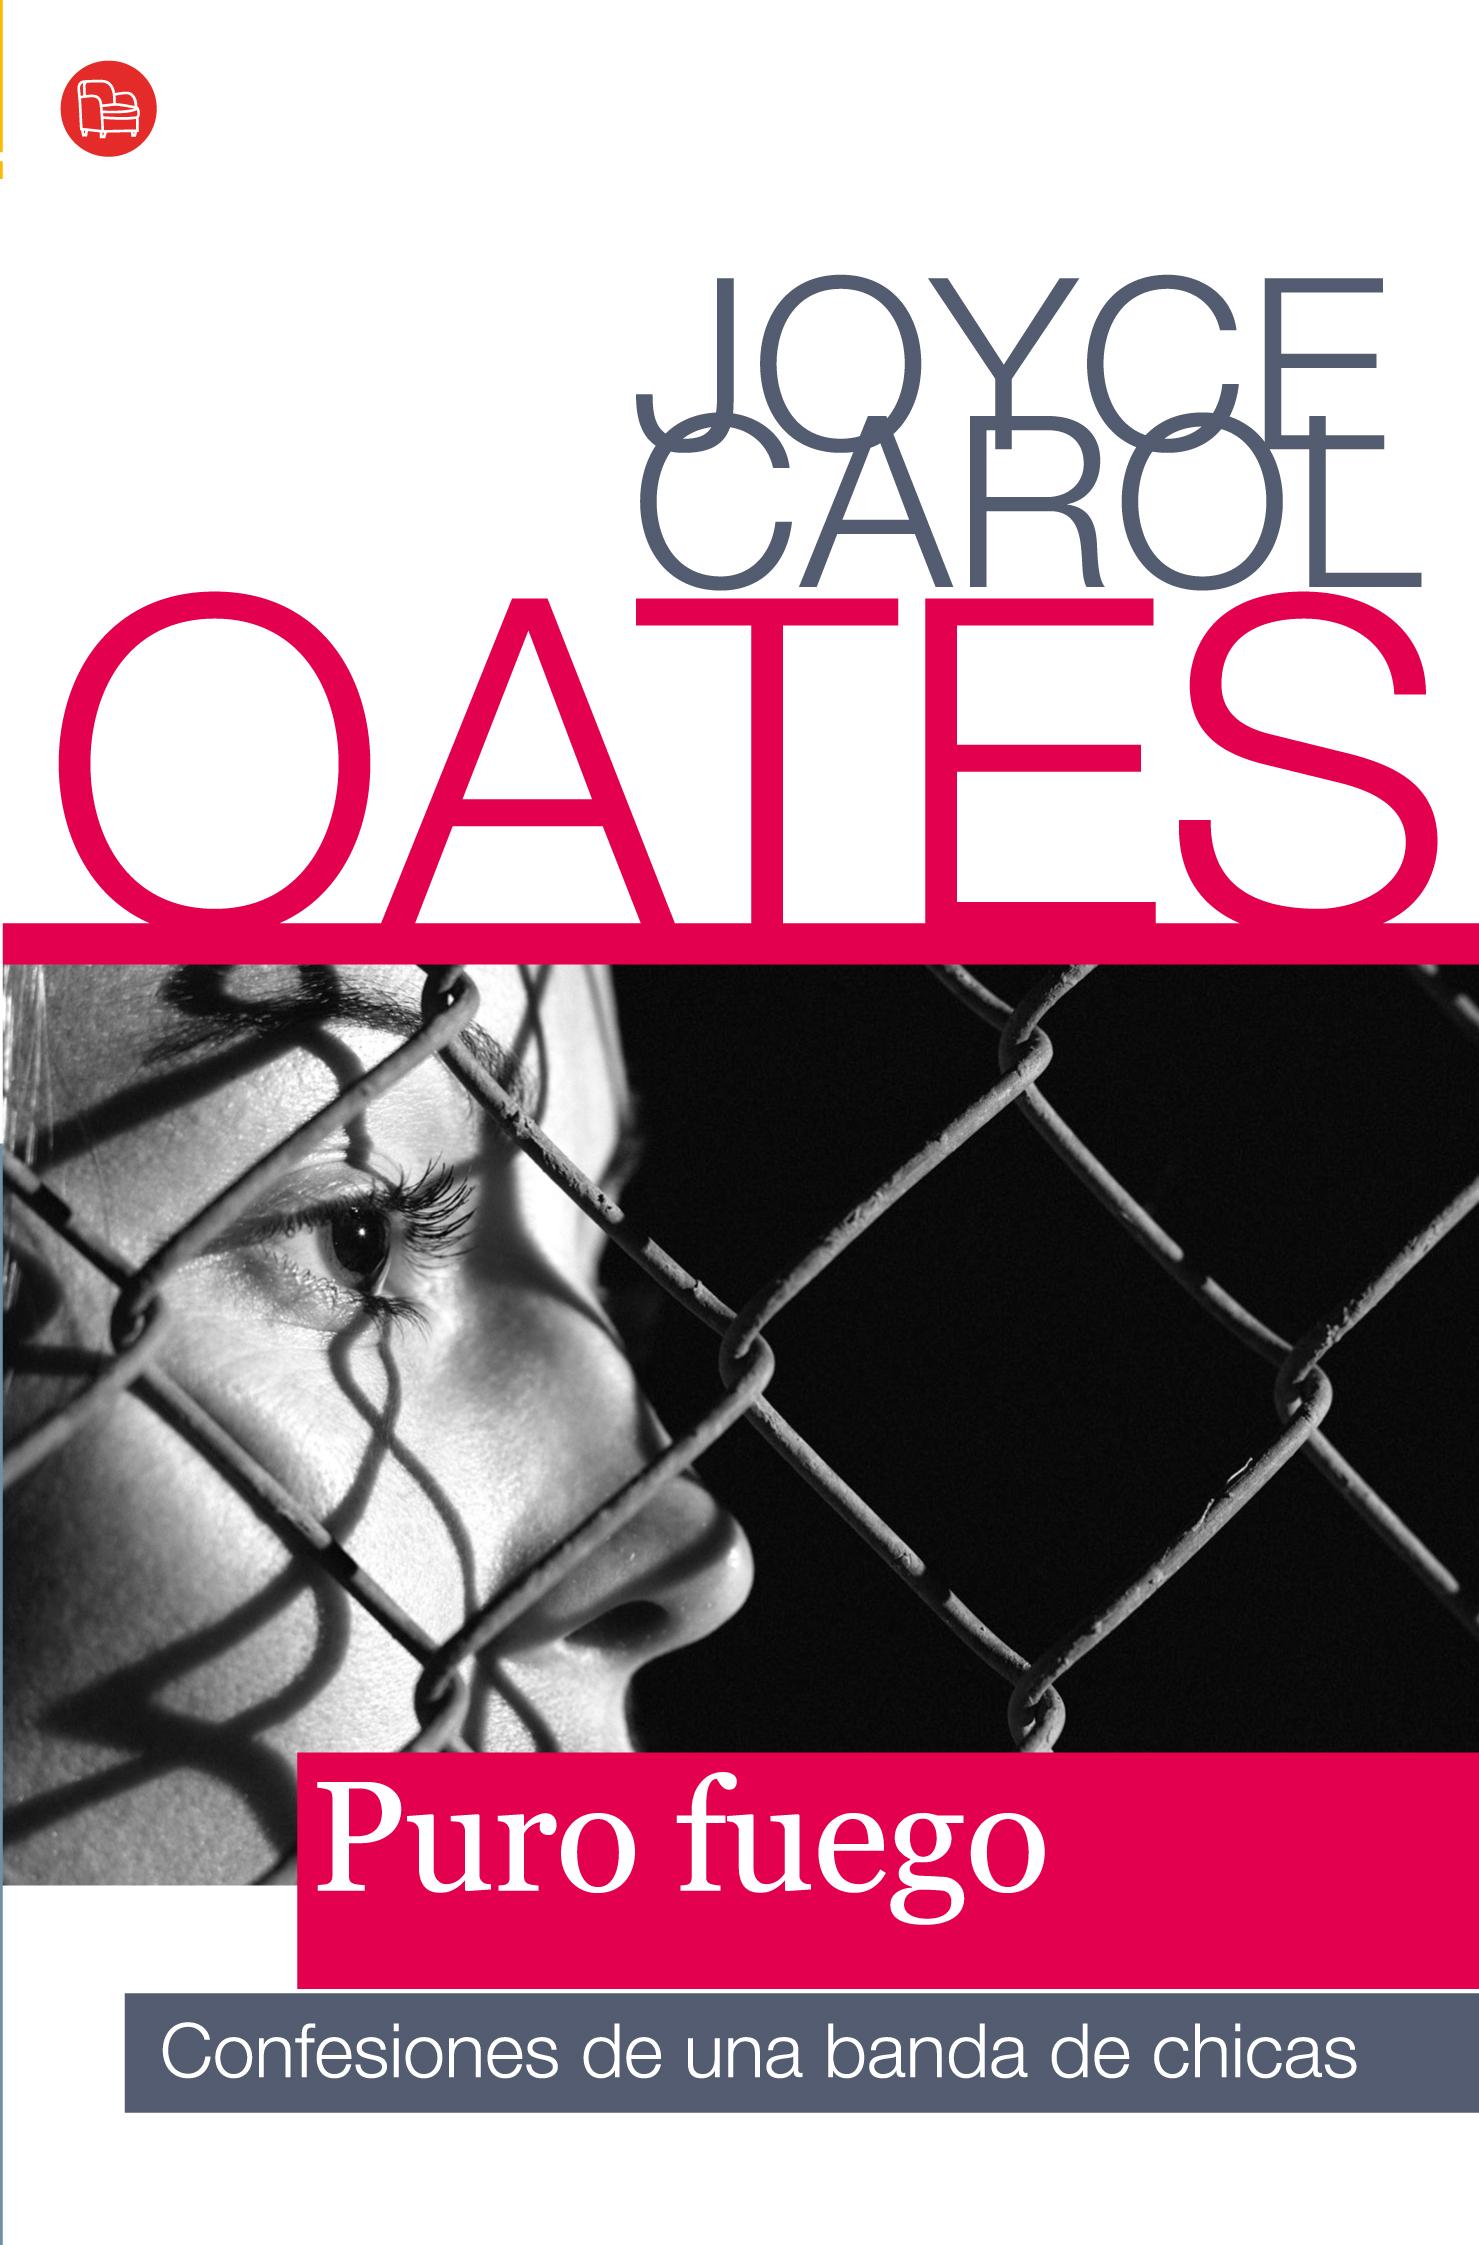 7. Puro fuego. Confesiones de una banda de chicas de Joyce Carol Oates